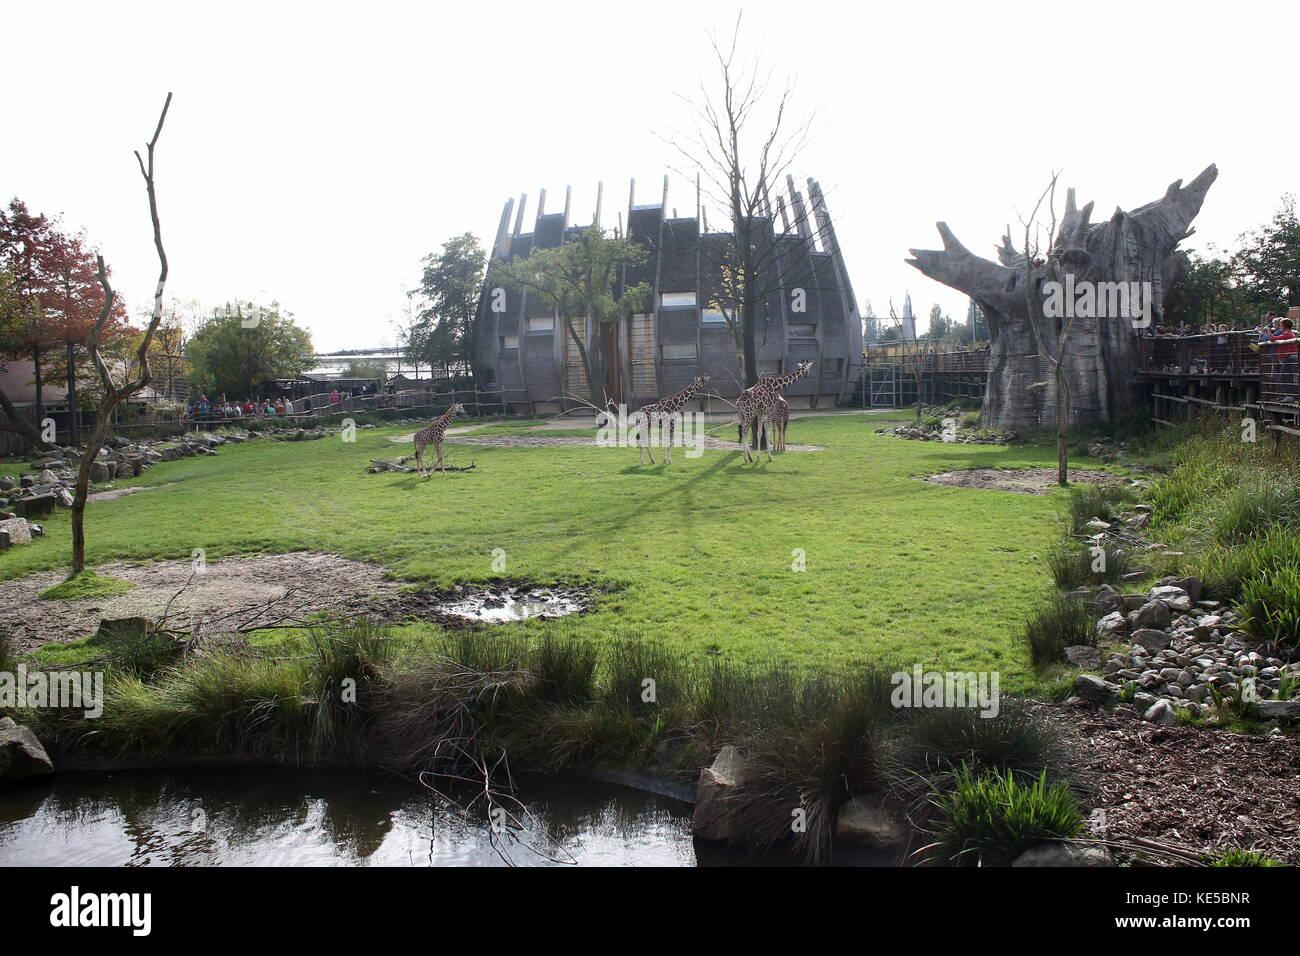 Zone de savane africaine au Zoo de Blijdorp de Rotterdam, aux Pays-Bas. avec le bâtiment où sont logés les girafes réticulés. Banque D'Images